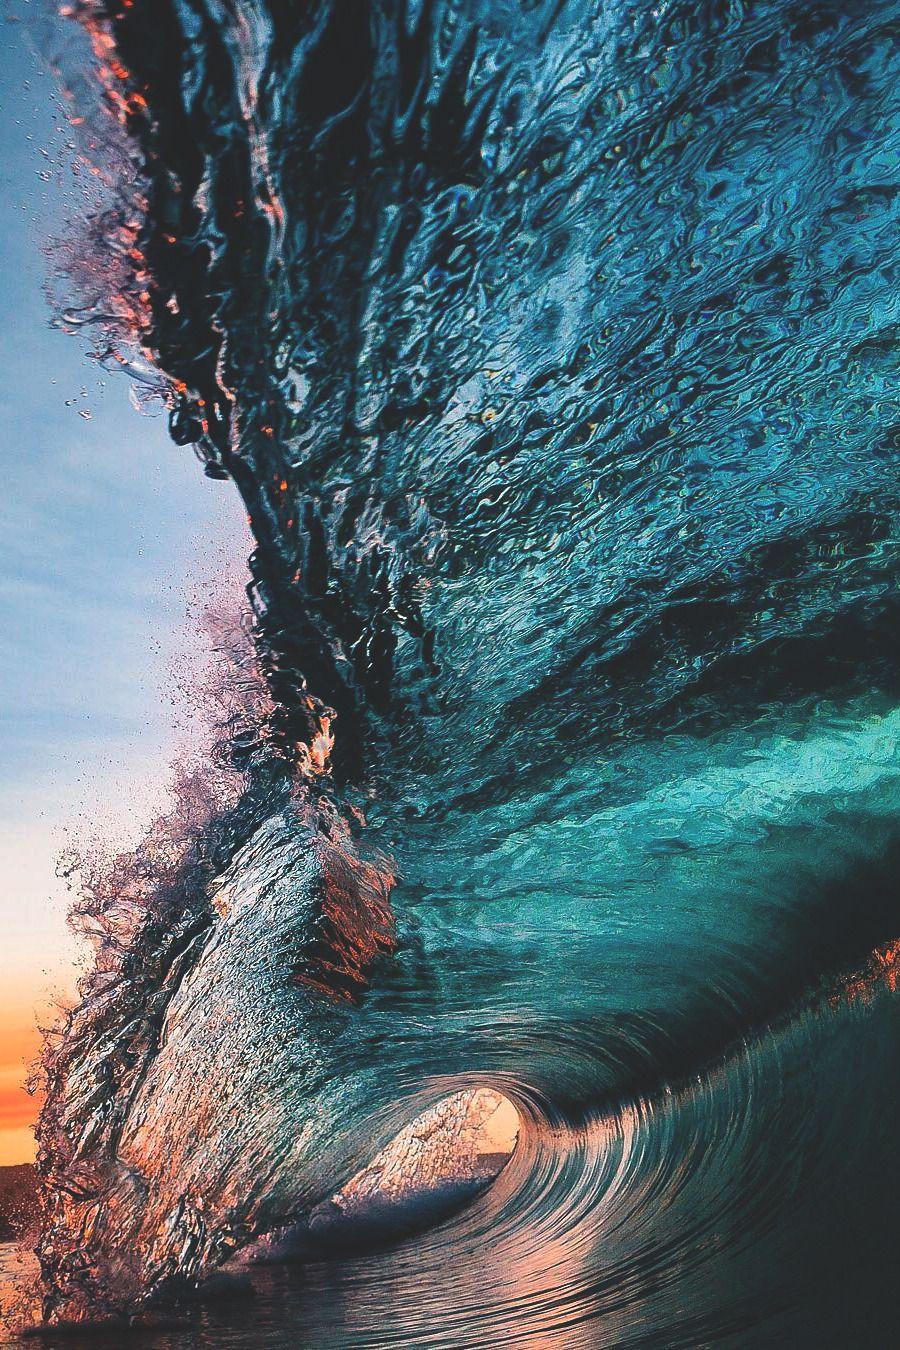 Newport Beach California Zhivopisnye Pejzazhi Pejzazhi Okeanskie Volny